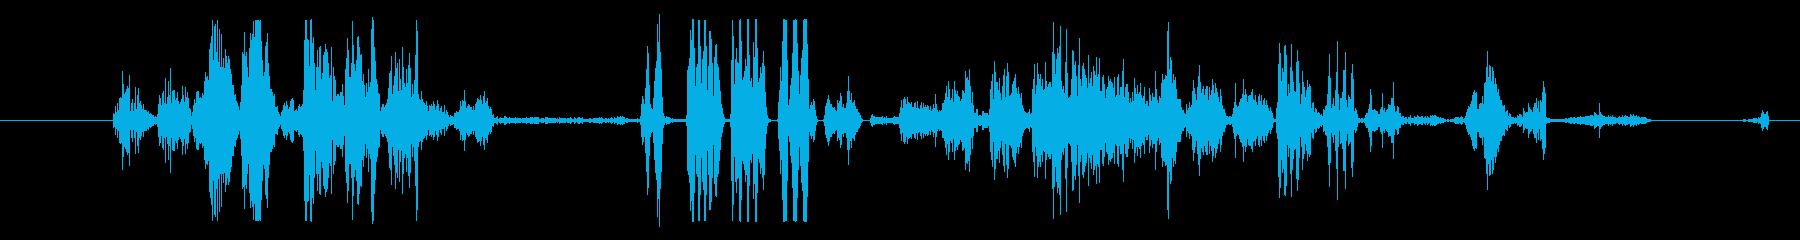 イメージ クレイジートーク06の再生済みの波形